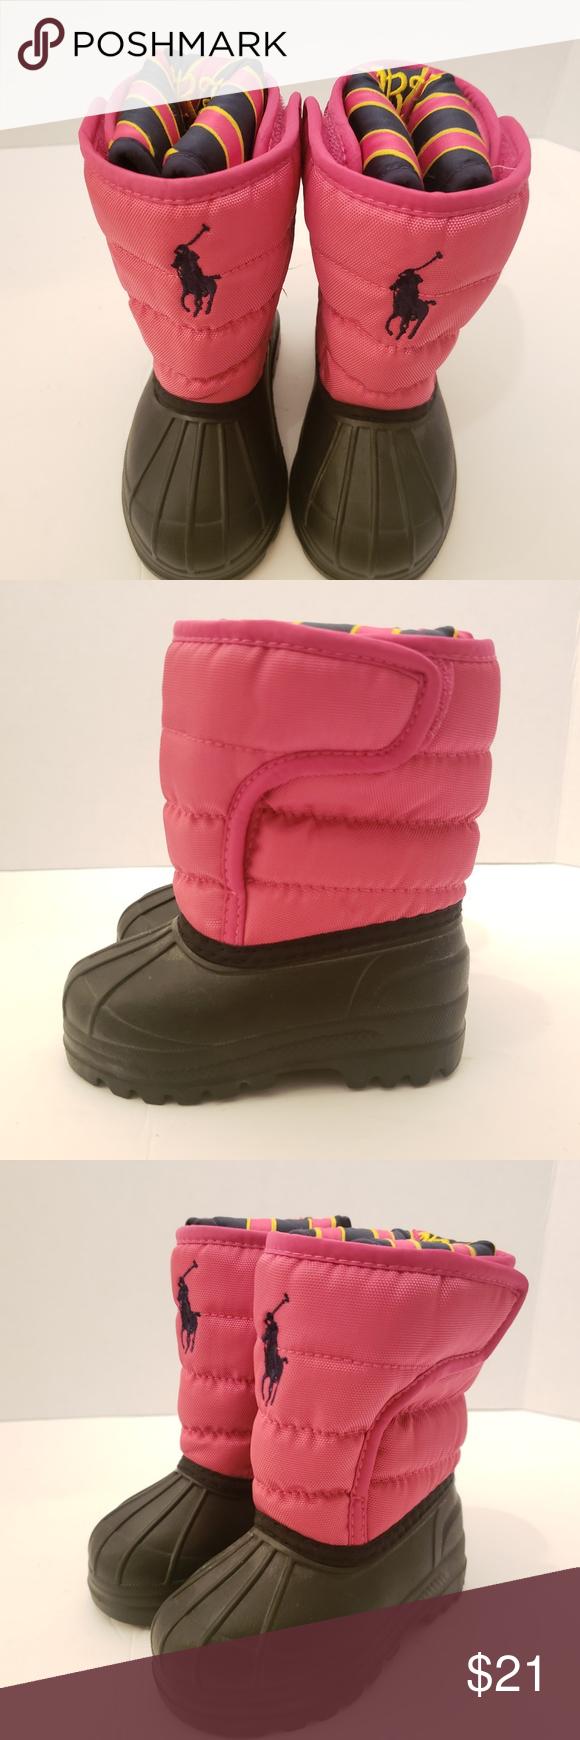 Ralph Lauren Girls Pink Duck Boots Size